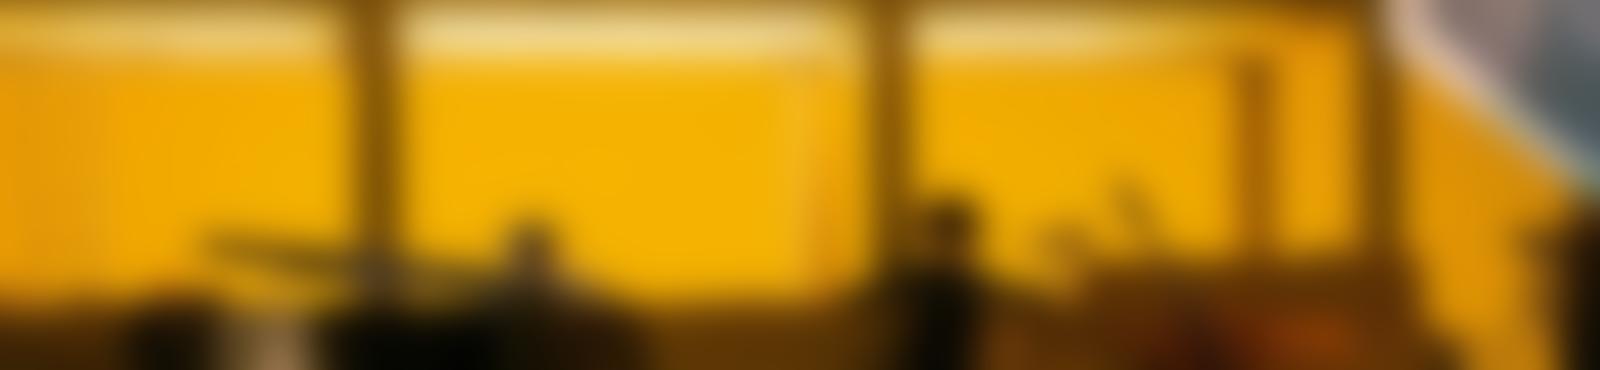 Blurred 68800a30 ebb0 4ef2 a161 e79a134a4cd7